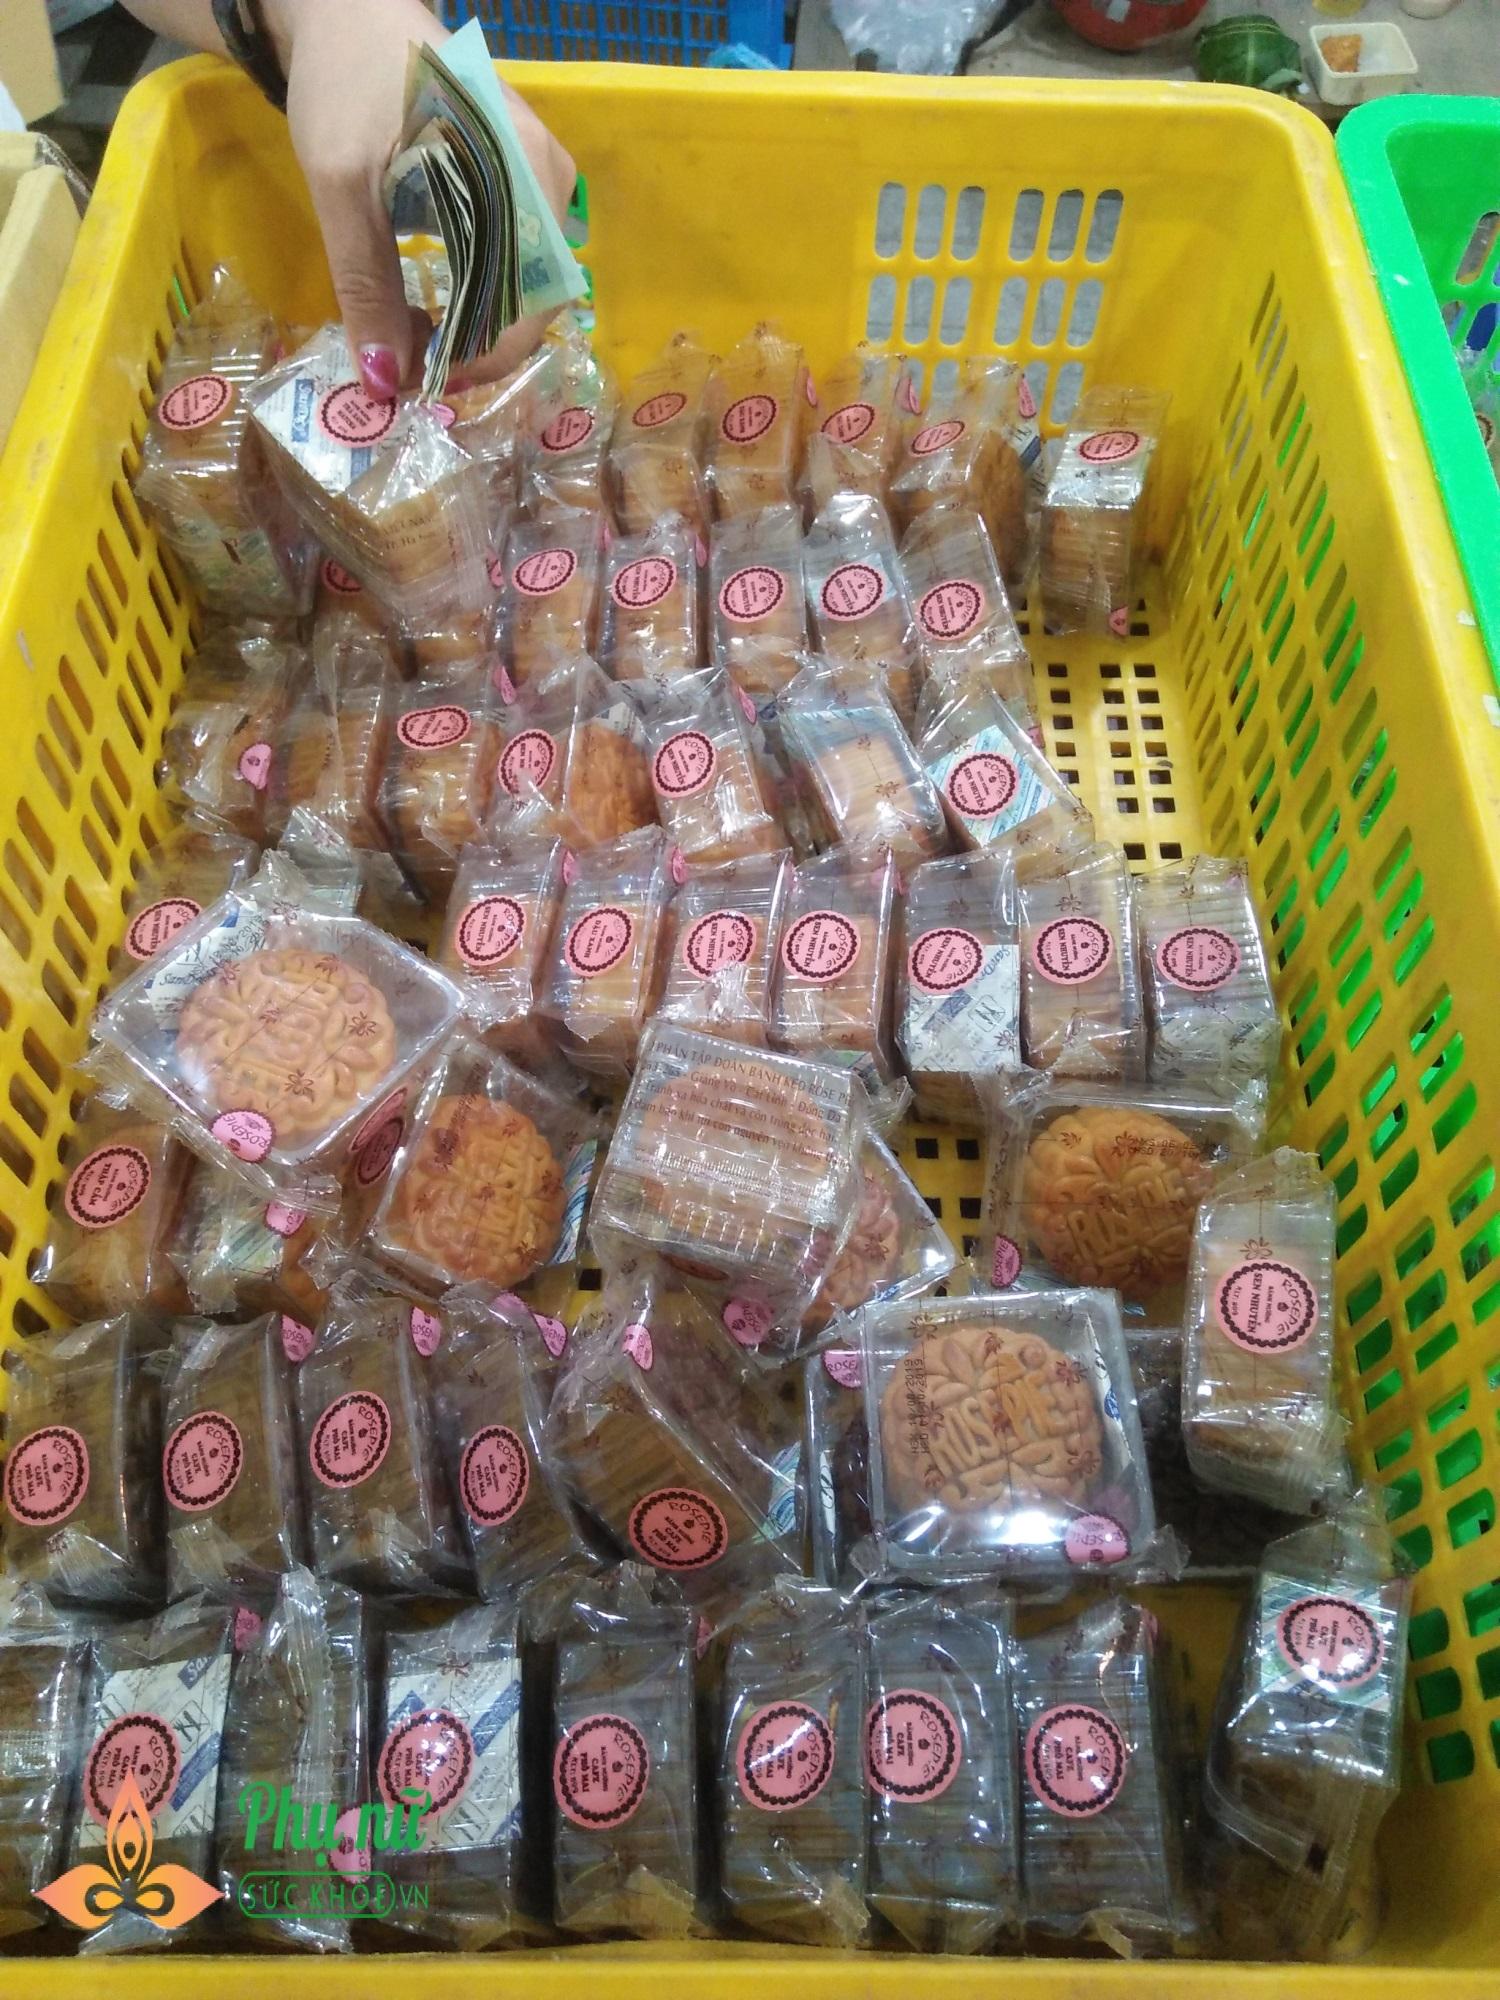 Hết rằm tháng tám, dân Hà thành đổ xô mua bánh trung thu đại hạ giá 20k - Ảnh 4